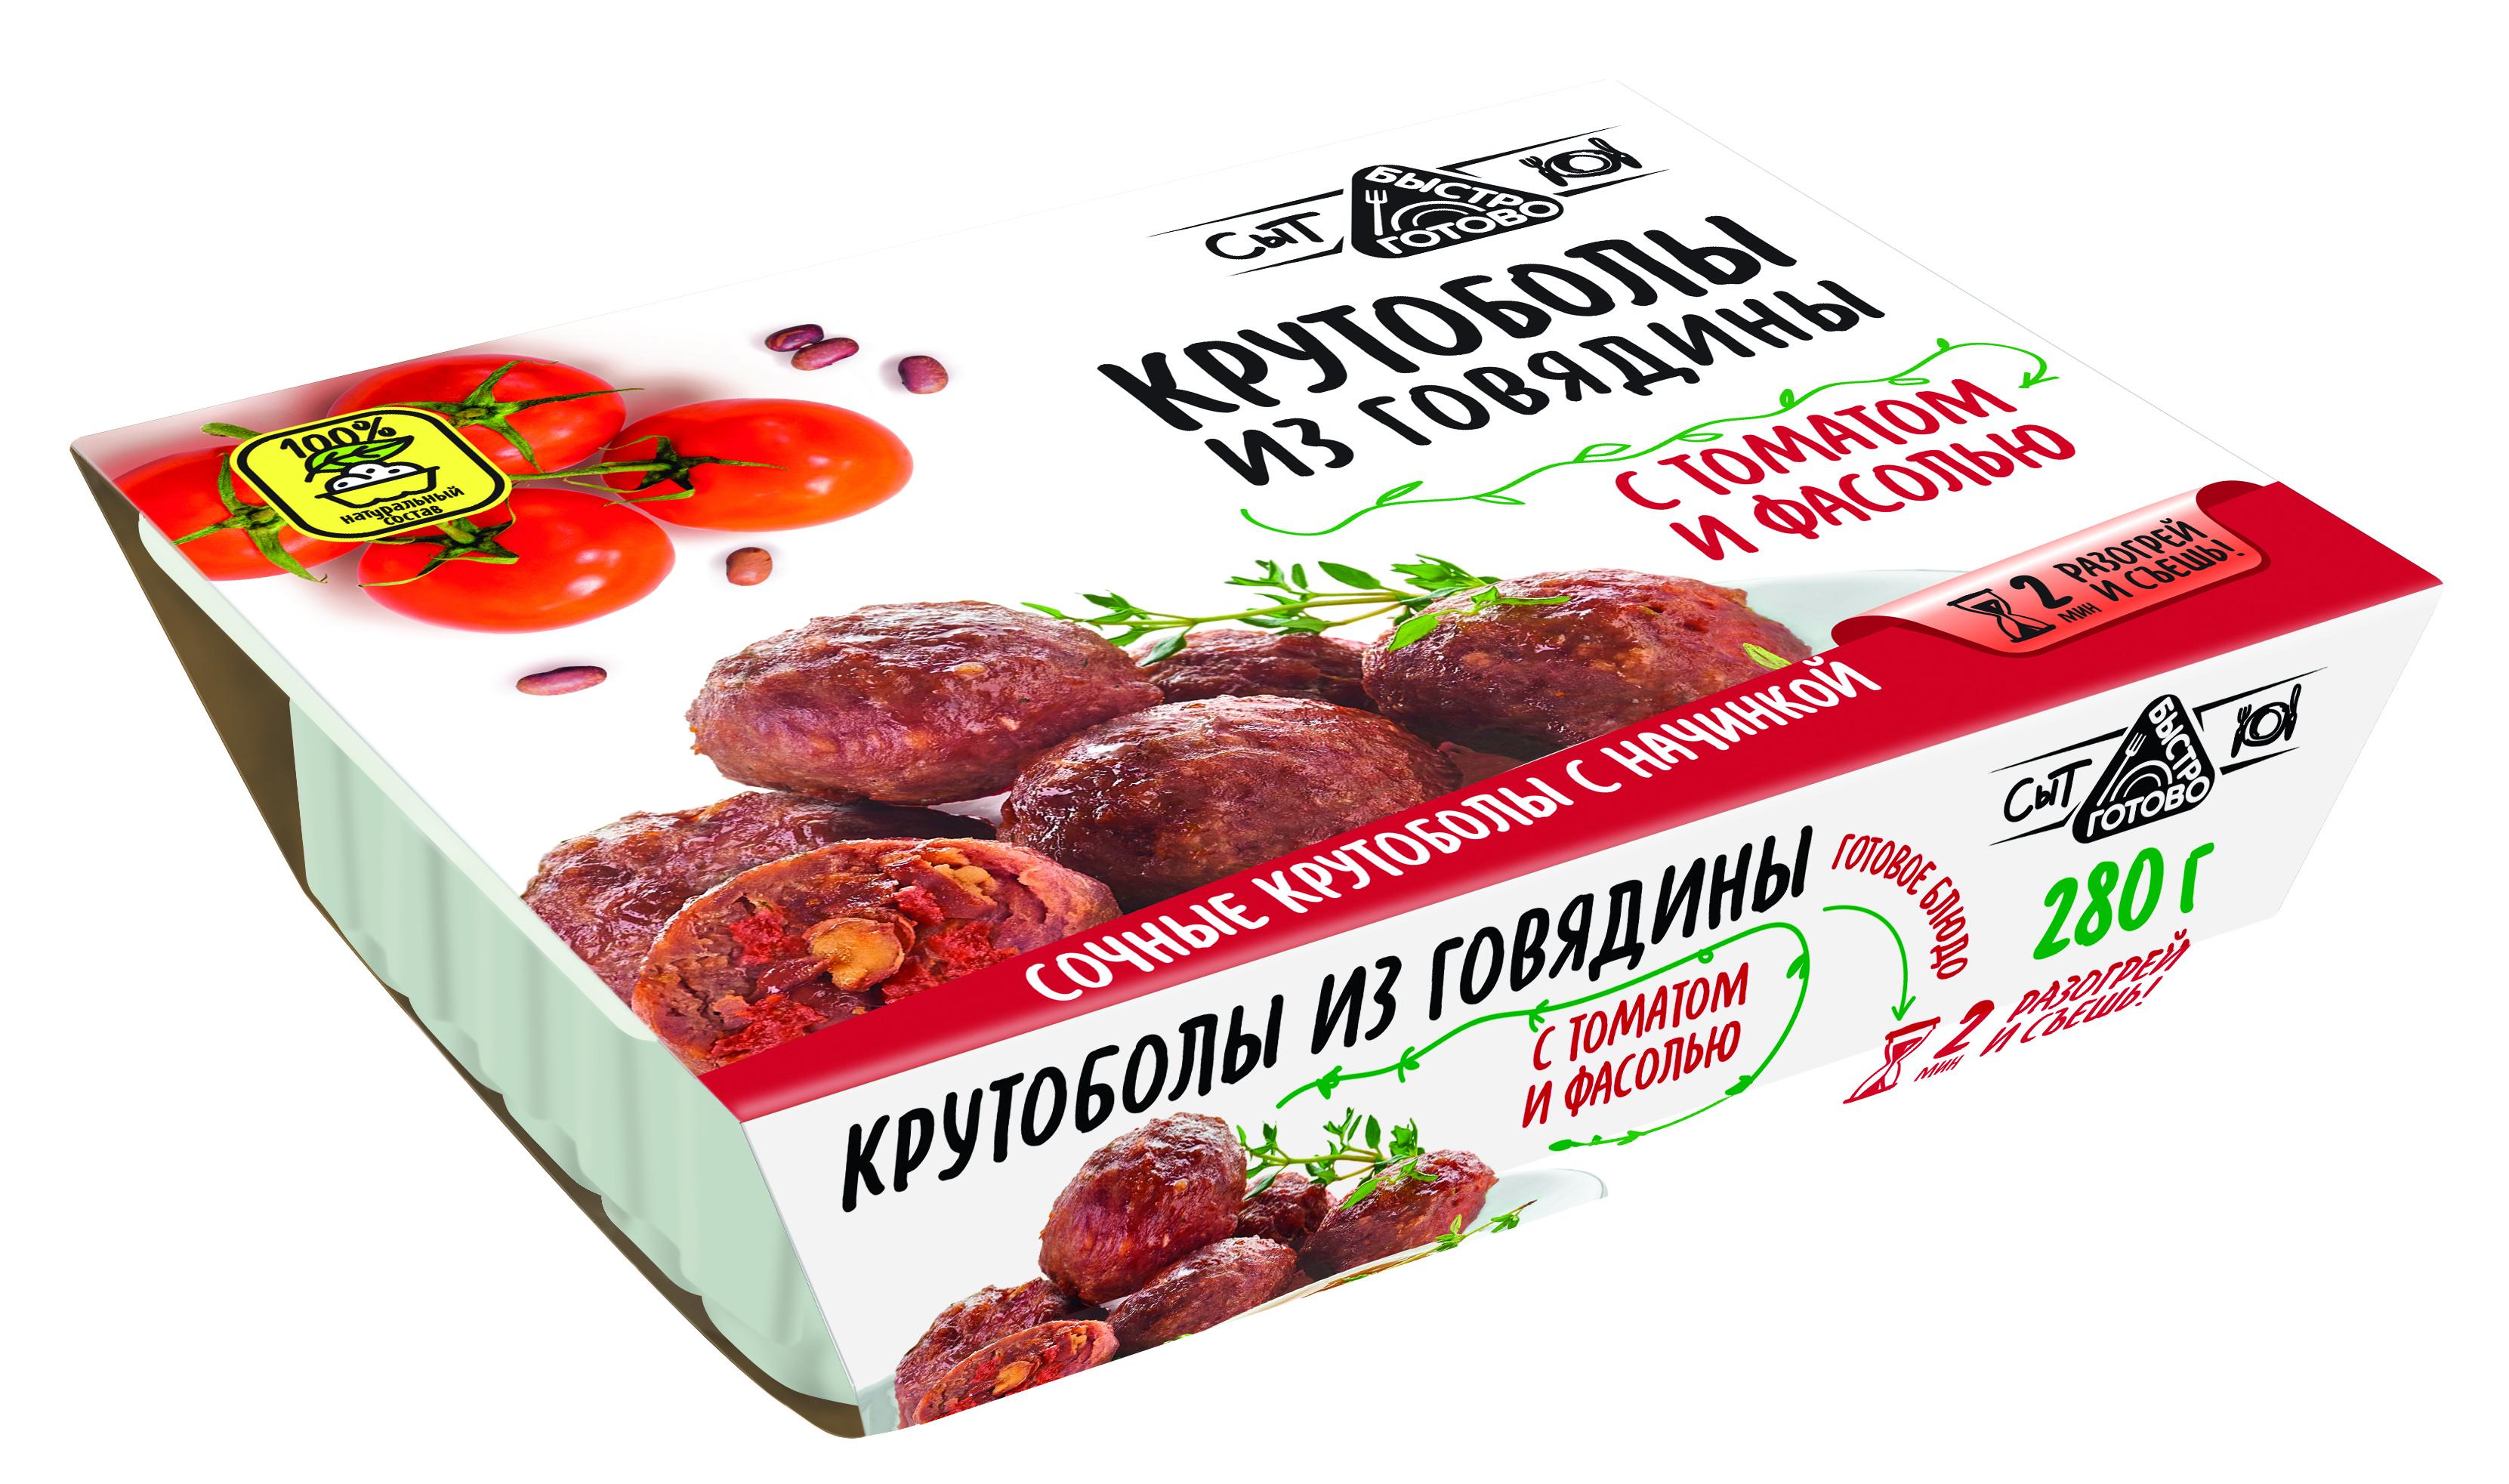 Крутоболы из говядины с томатом и фасолью